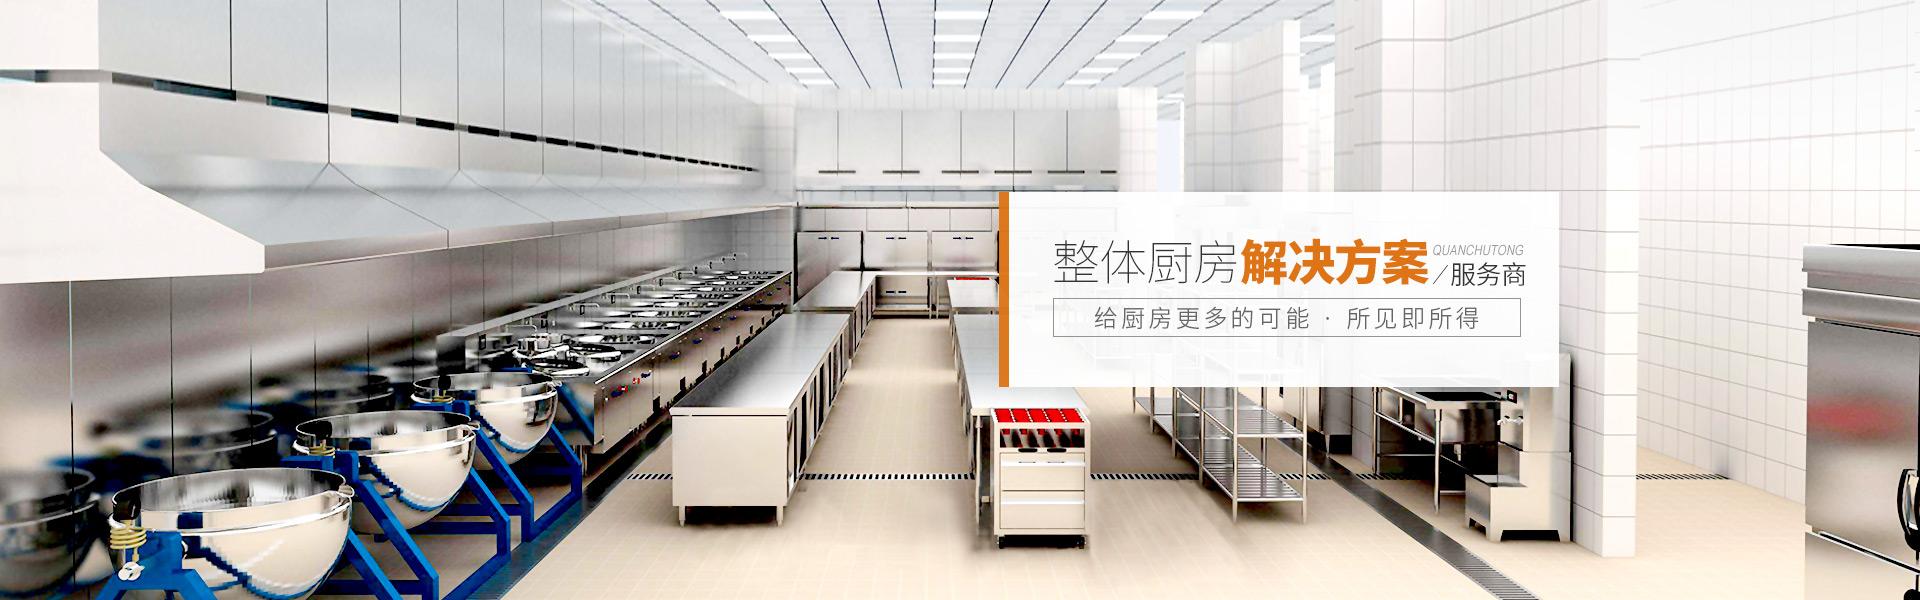 东莞厨具设备